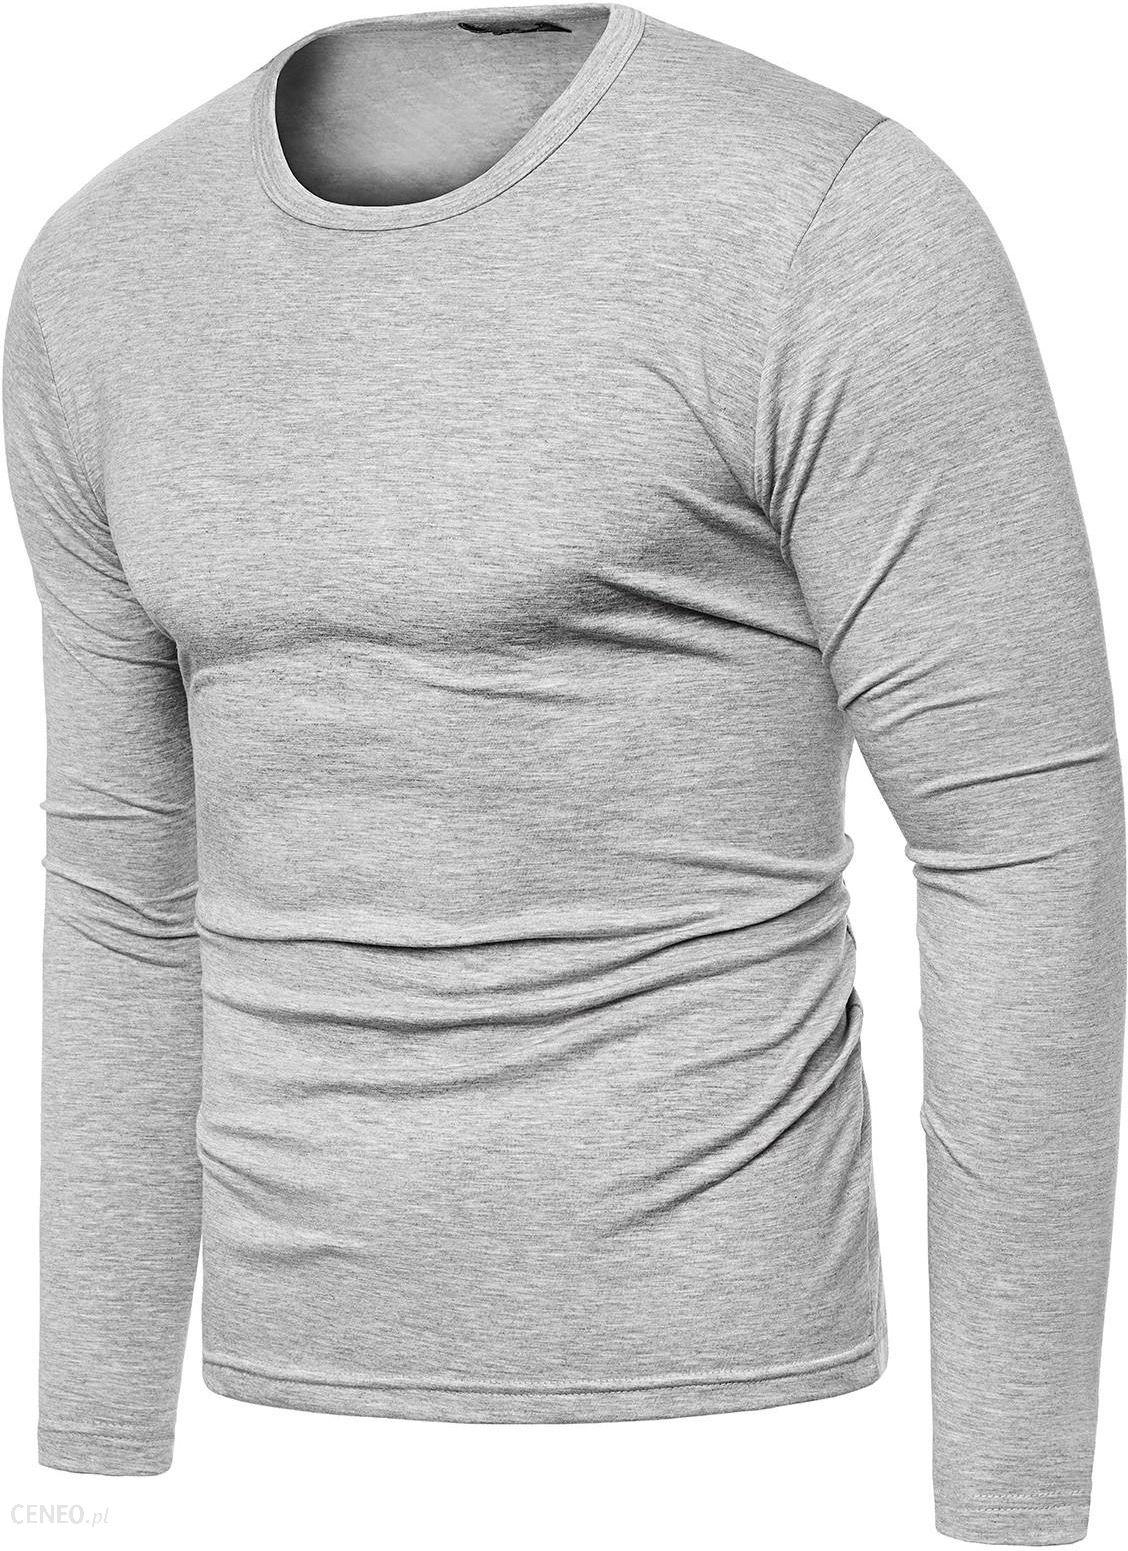 Bluza męska longsleeve N01L szara